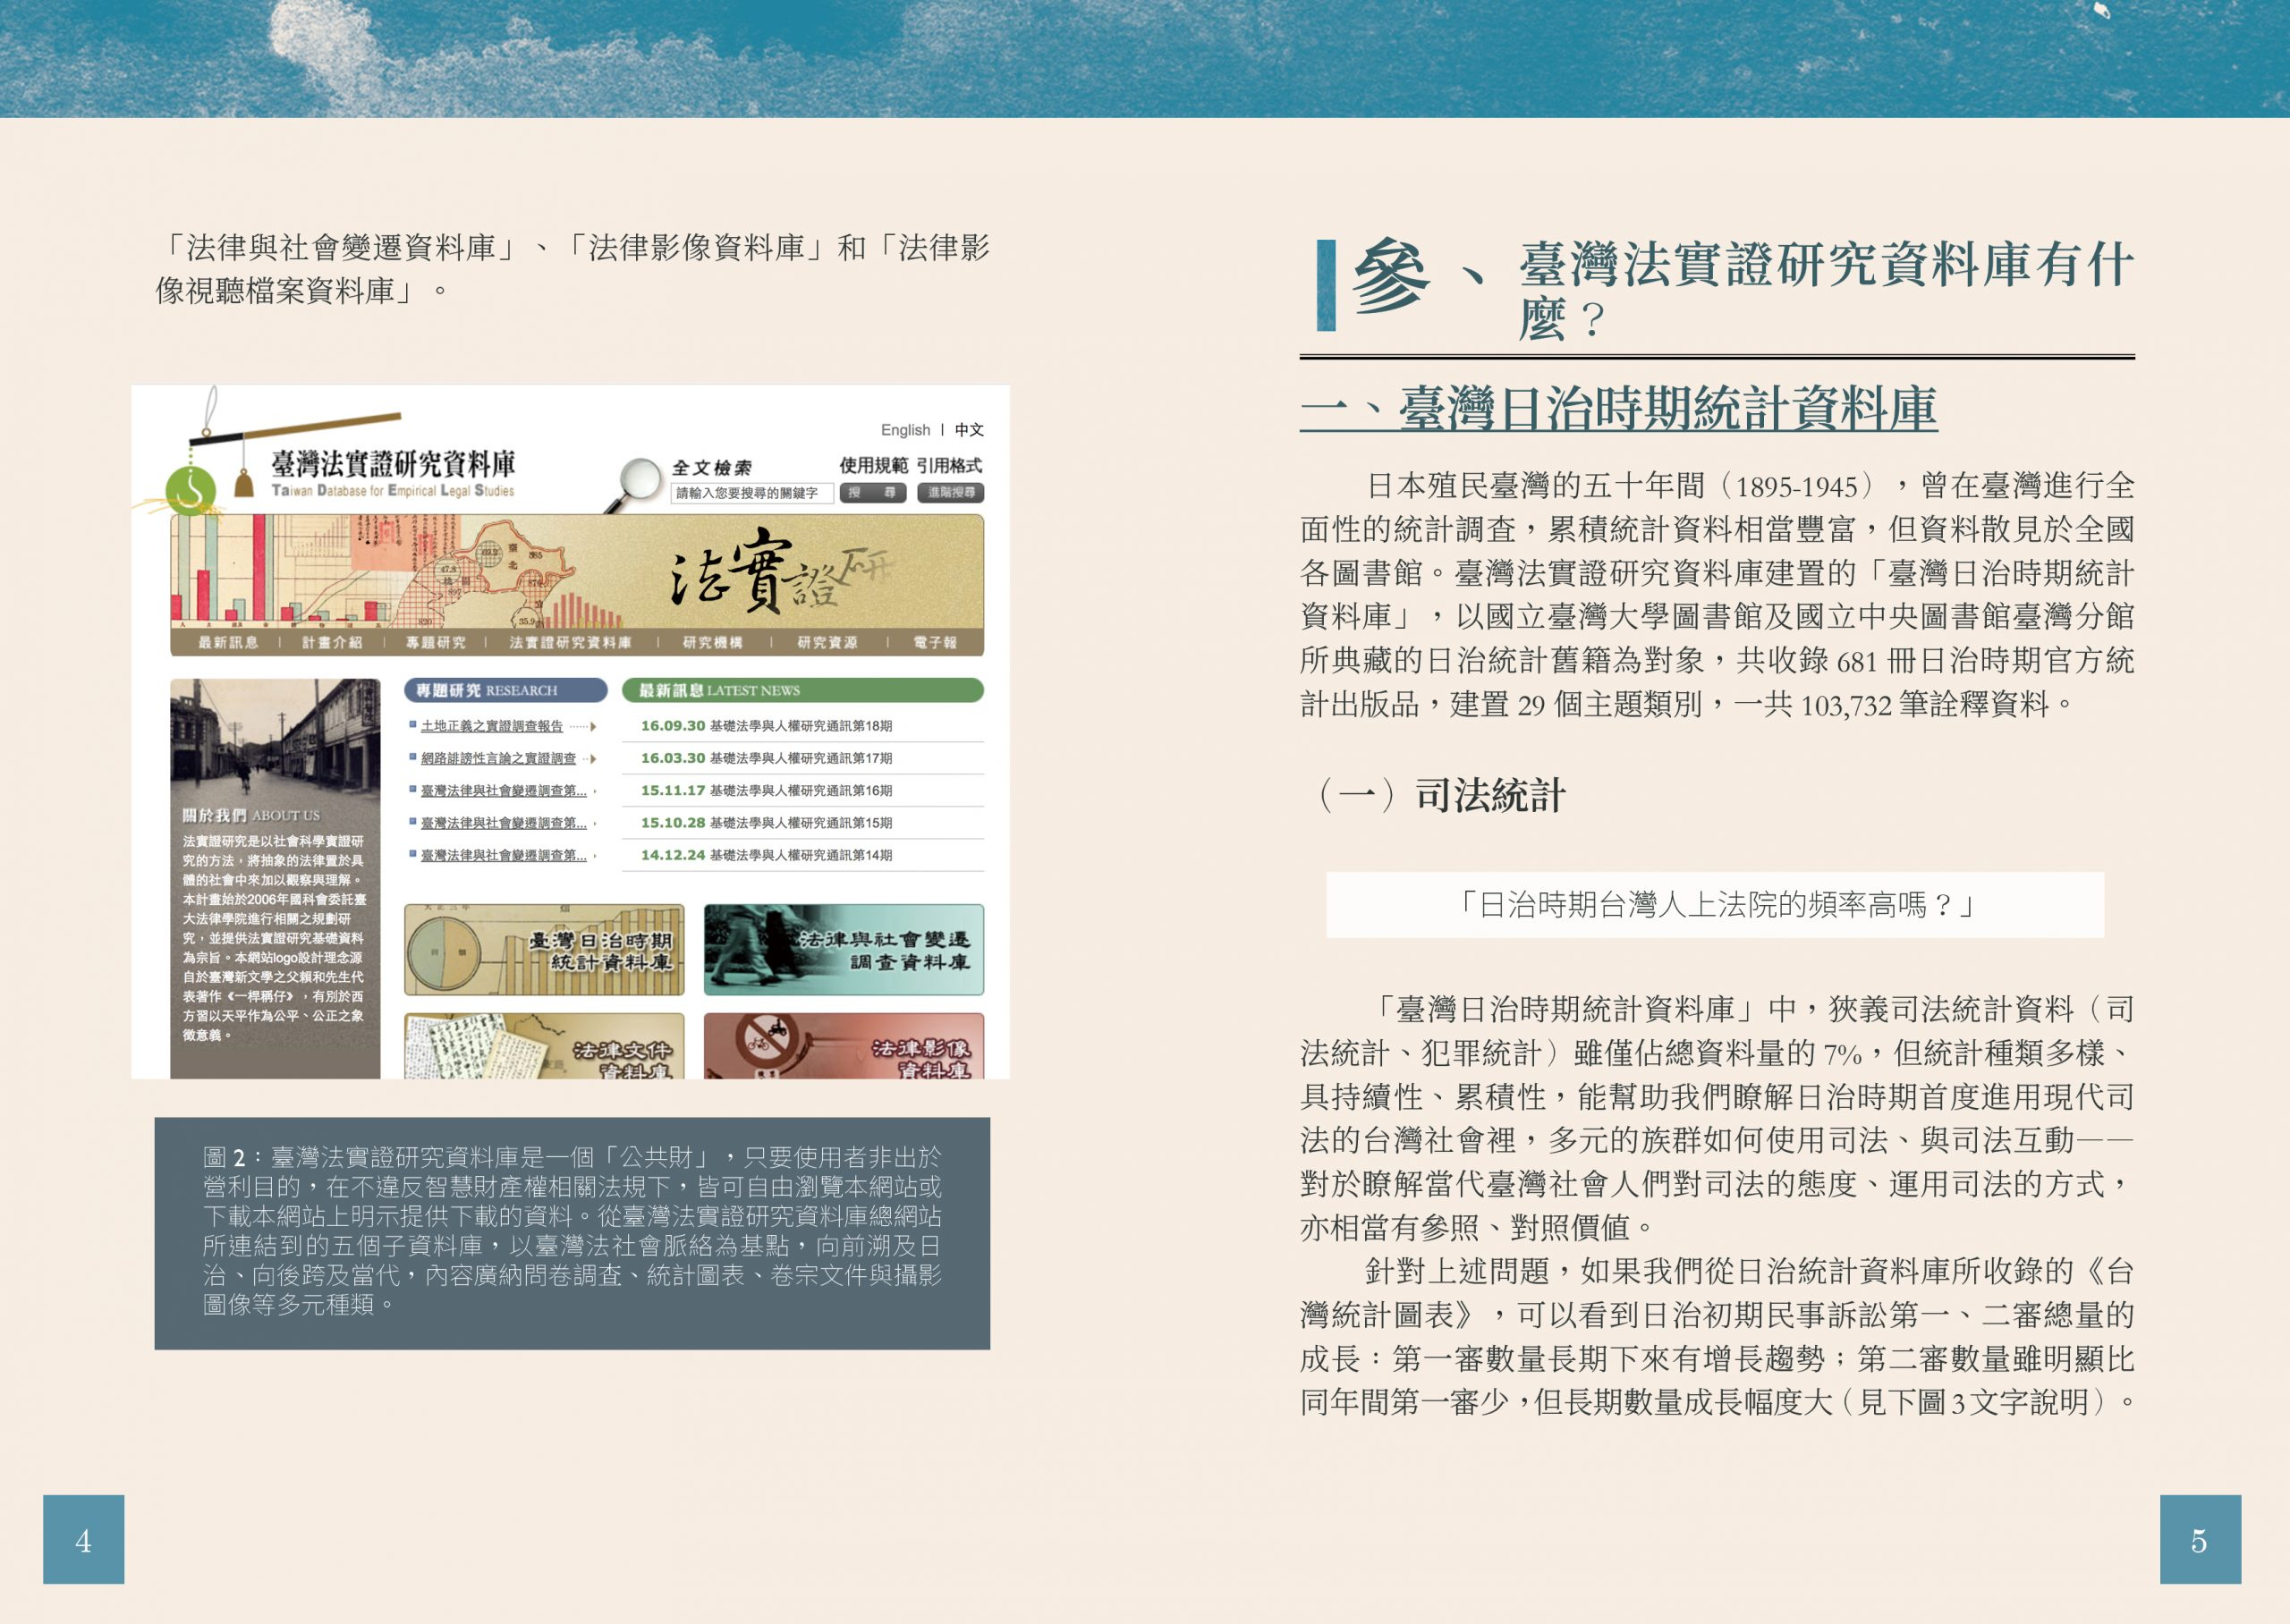 台灣法實證資料庫介紹手冊內文_1001-23